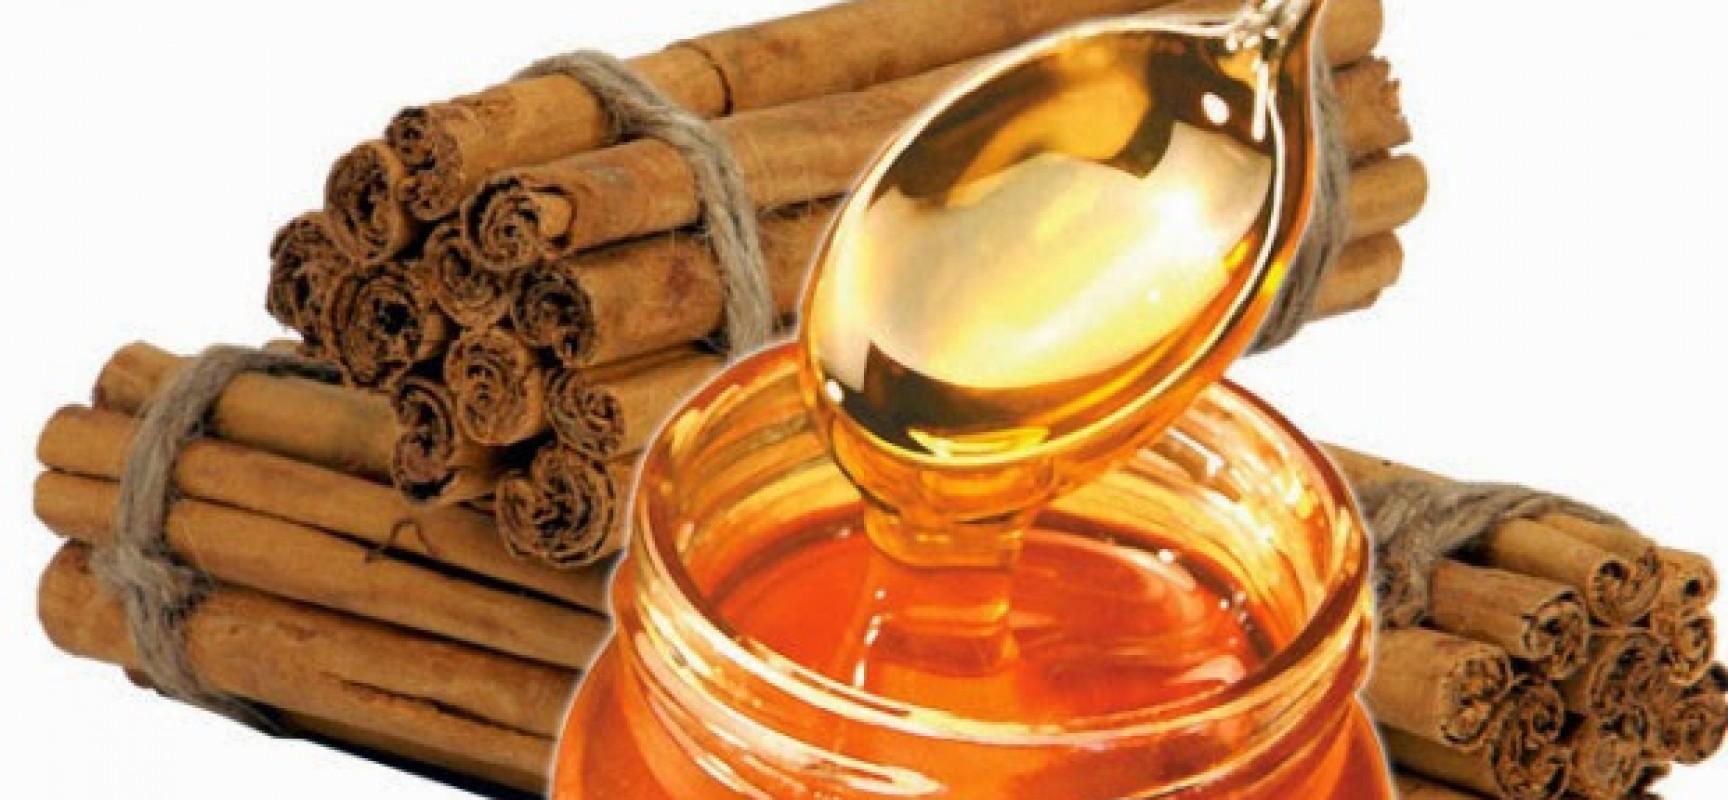 Σε τι οφελεί ο συνδυασμός μέλι και κανέλα